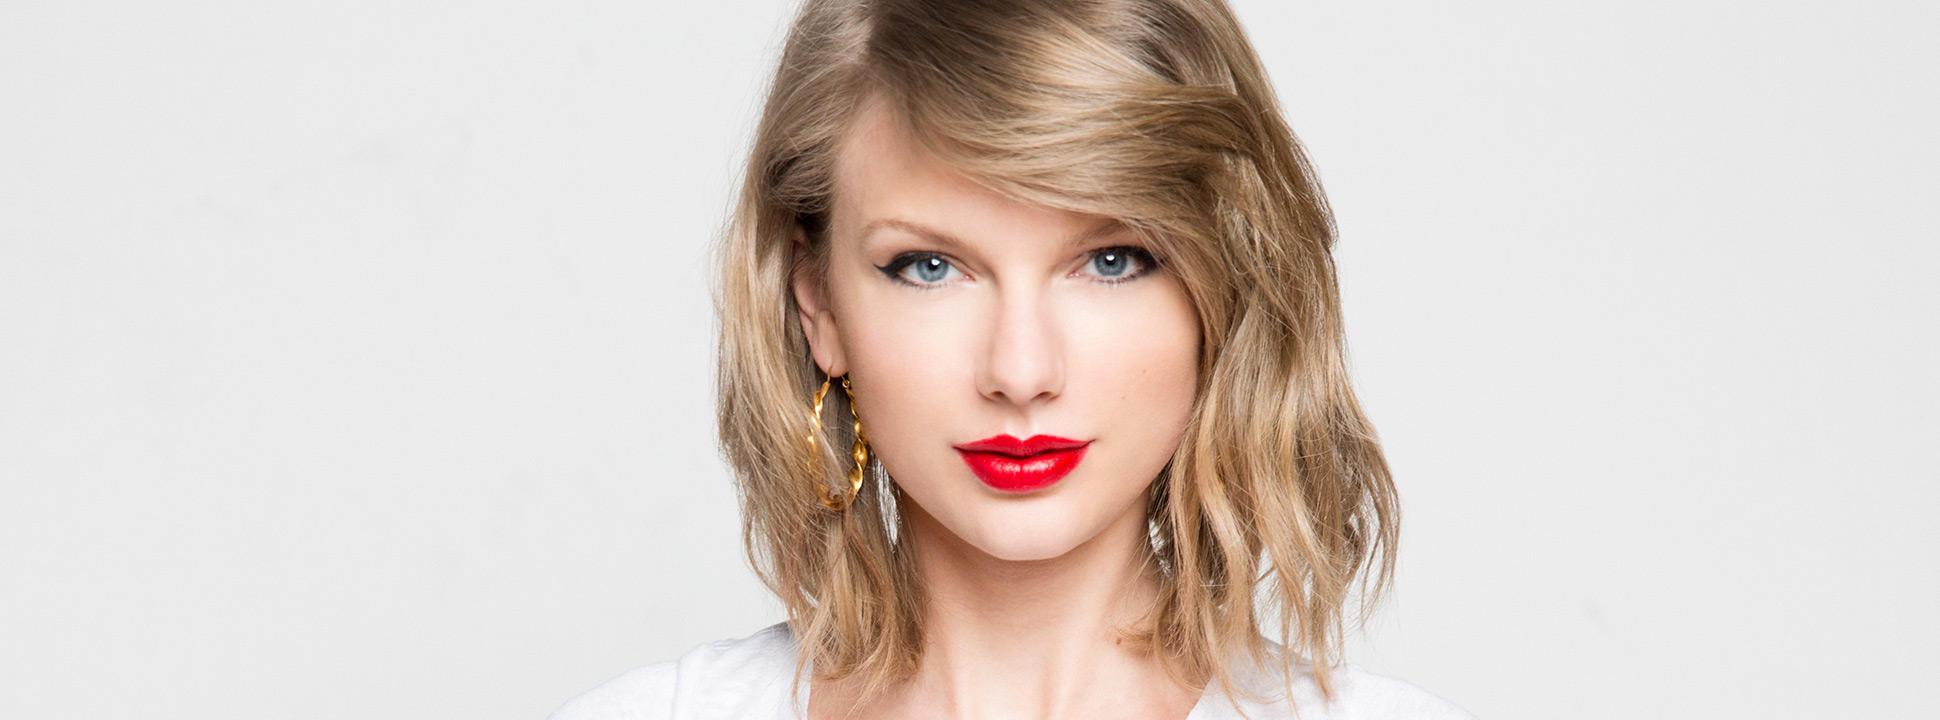 Vídeo mostra Taylor Swift curtindo balada ao som de Rihanna